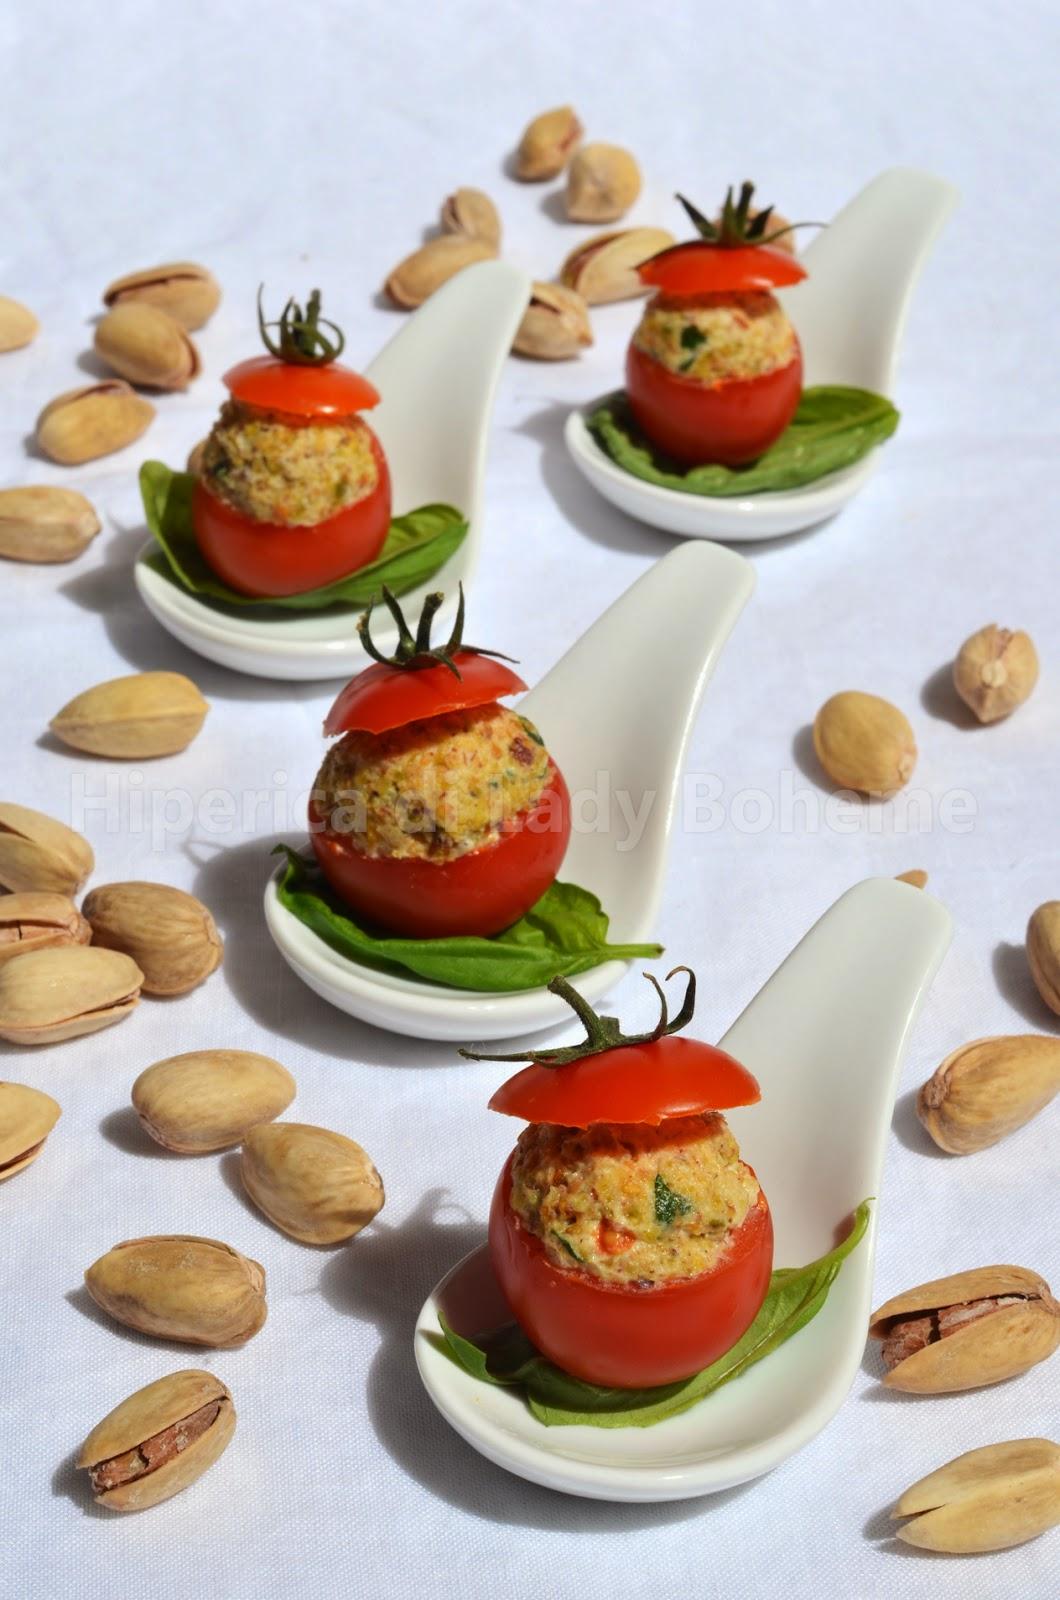 hiperica_lady_boheme_blog_cucina_ricette_gustose_facili_veloci_pomodori_pachino_ripieni_freddi_1